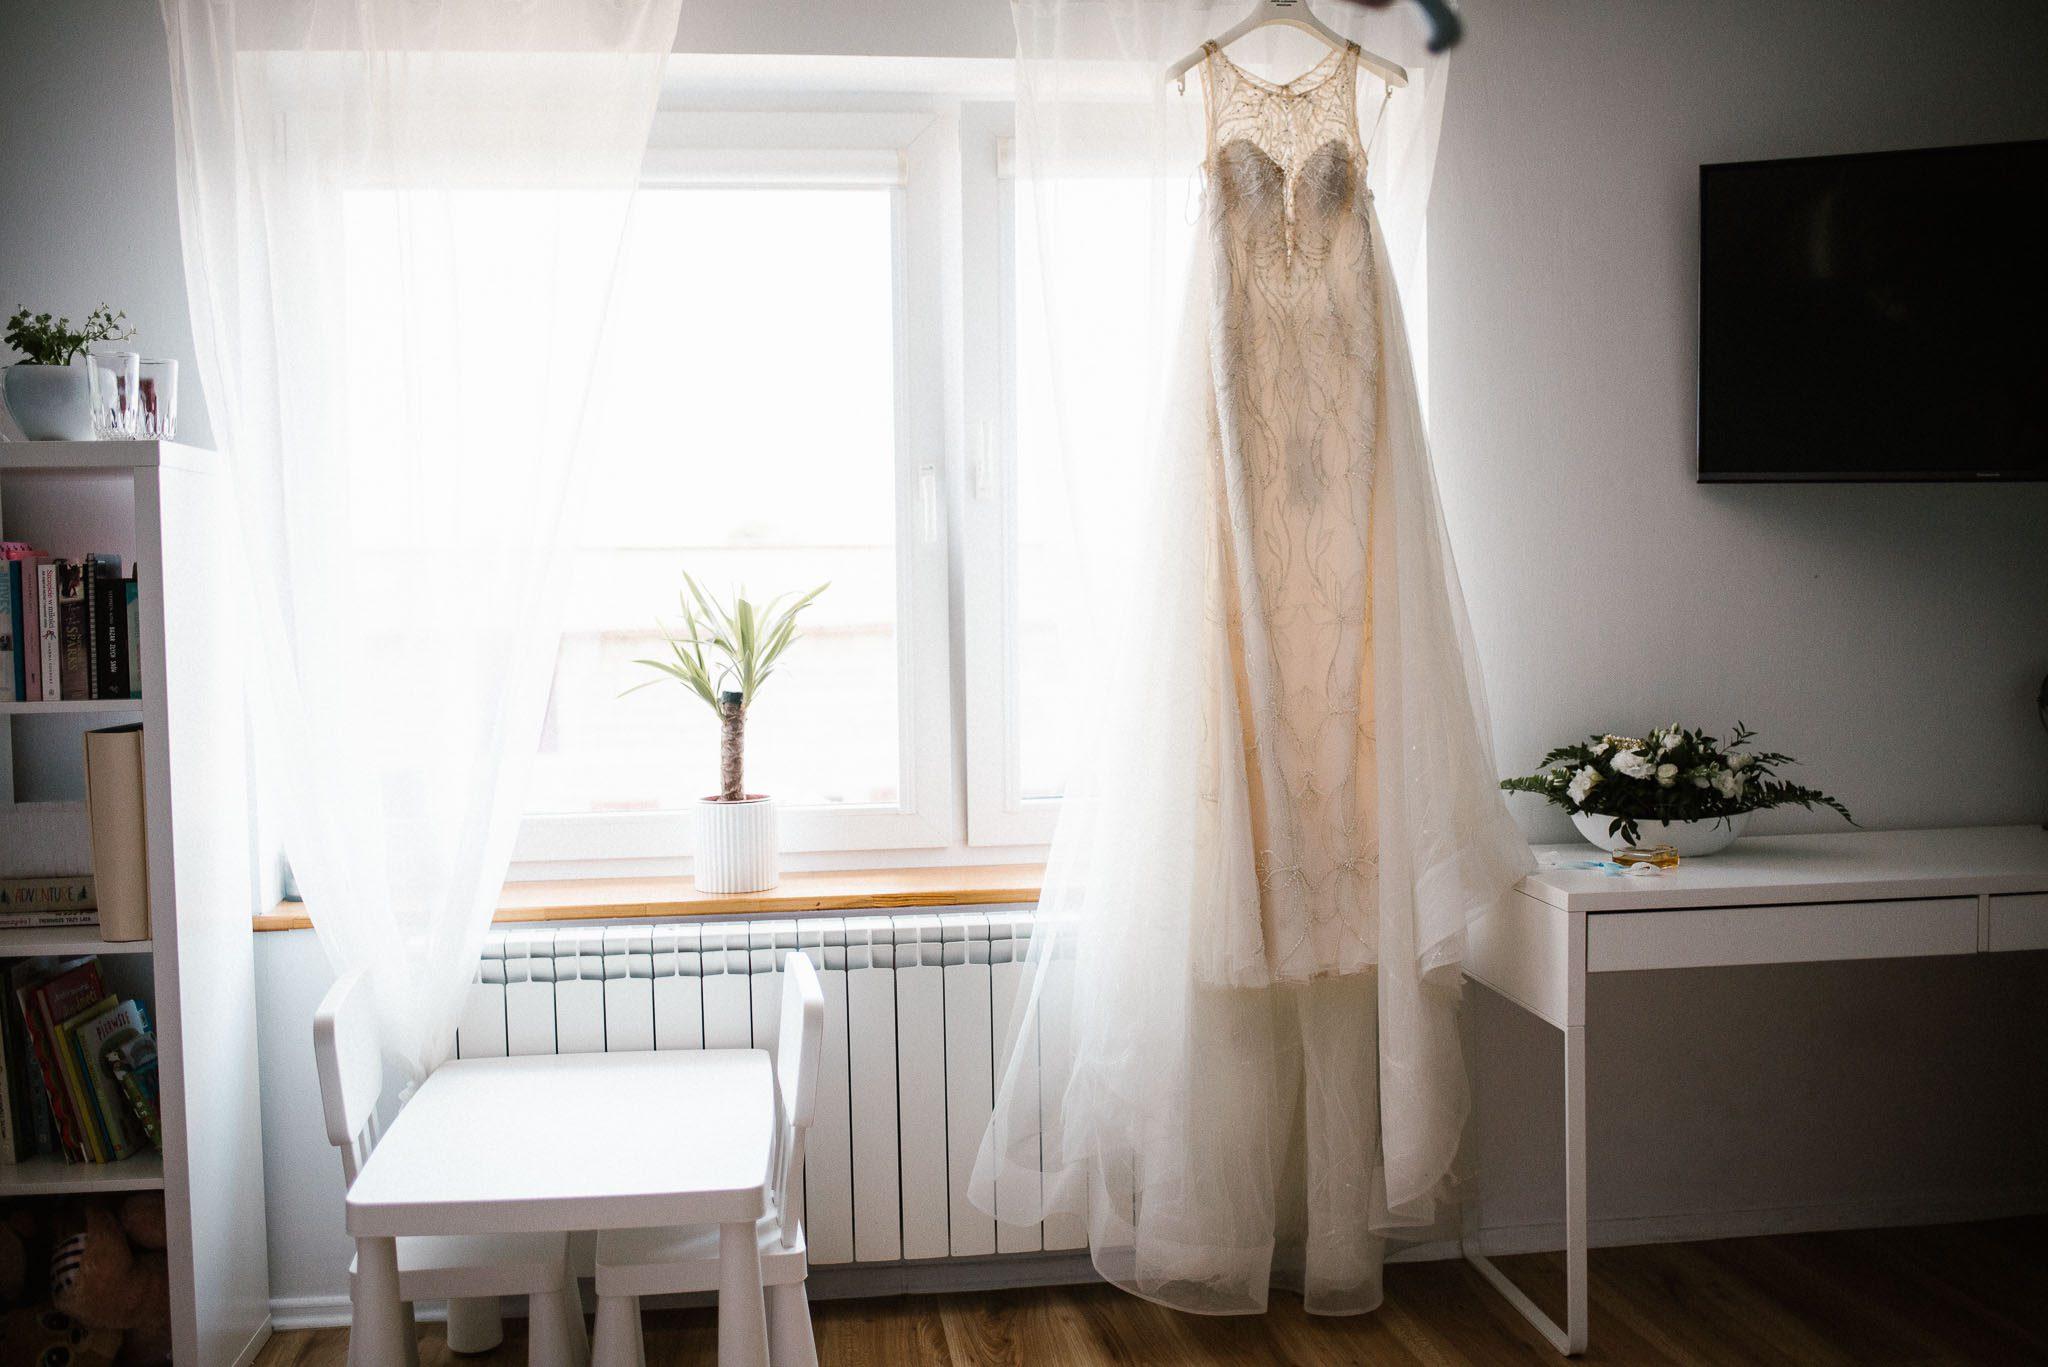 Suknia ślubna wisi przy oknie - ślub w Stodole Bojanowo